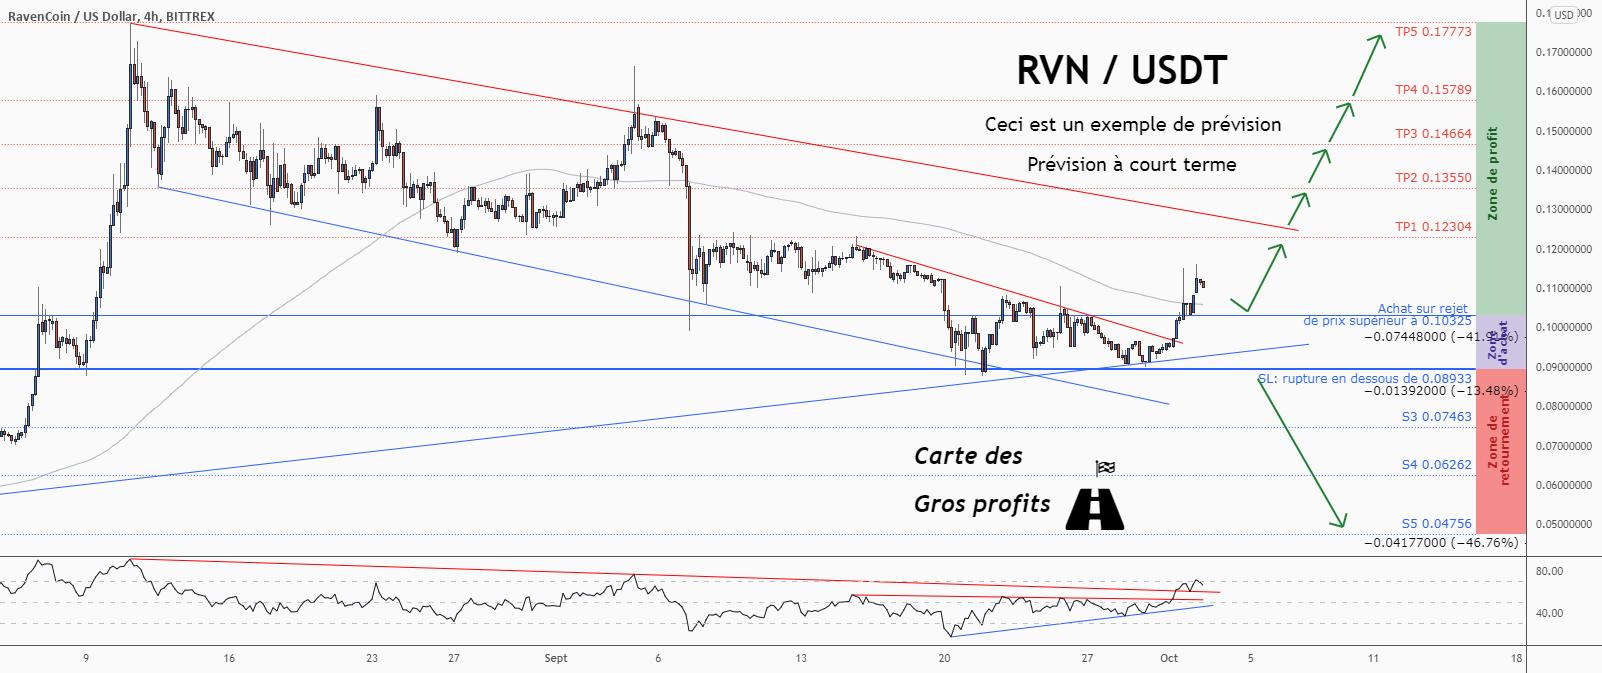 💡Ne manquez pas cette grande opportunité d'achat de RVNUSD pour BITTREX:RVNUSD par ForecastCity_Francais